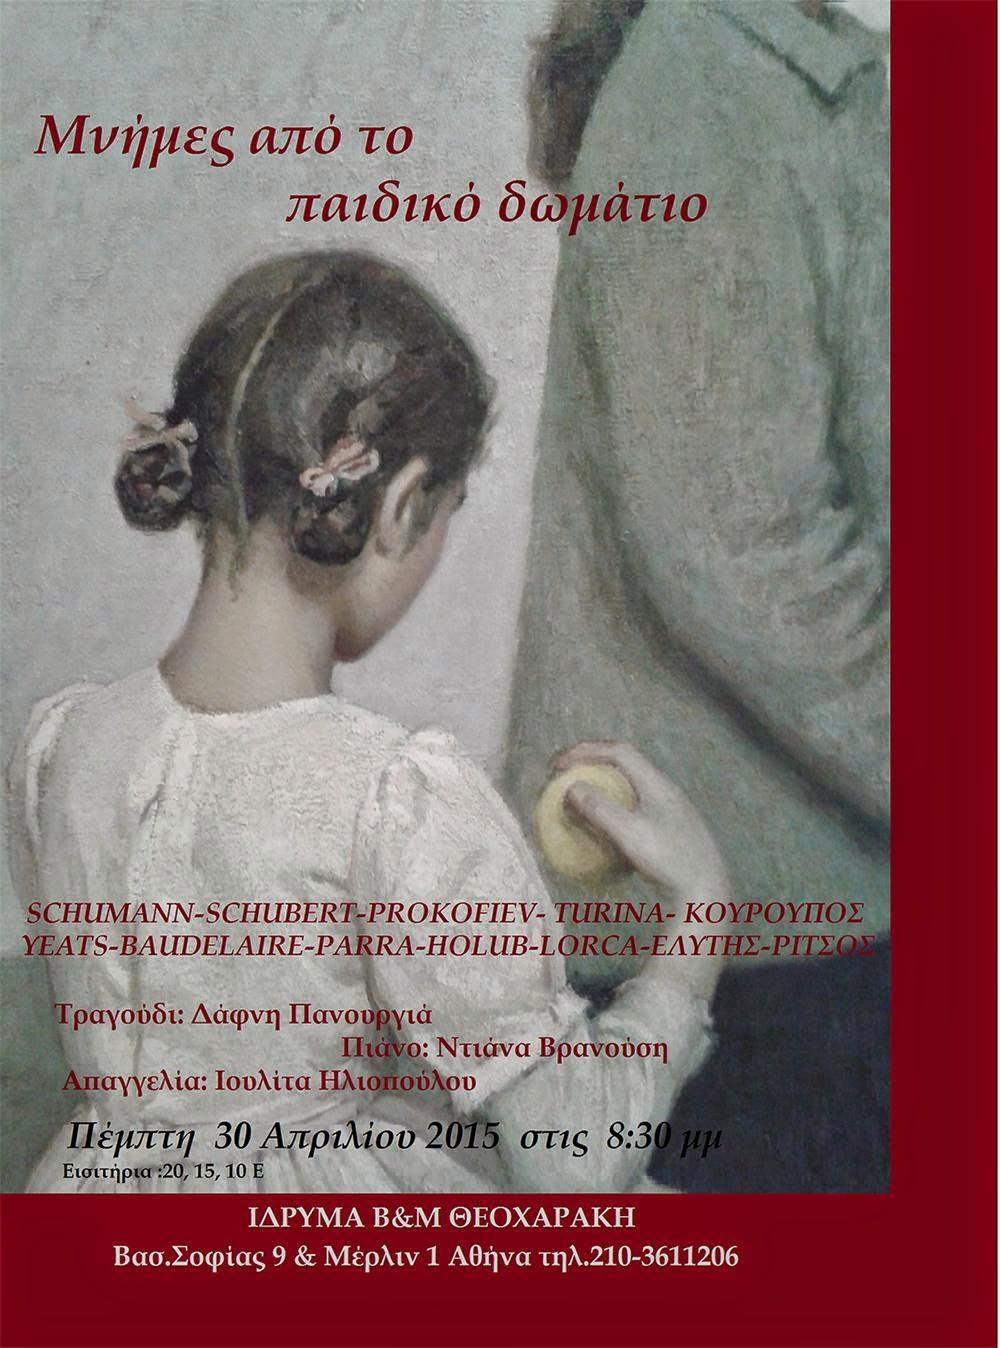 «Μνήμες από το παιδικό δωμάτιο» - Πέμπτη 30 Απριλίου 2015 στο Ίδρυμα Θεοχαράκη